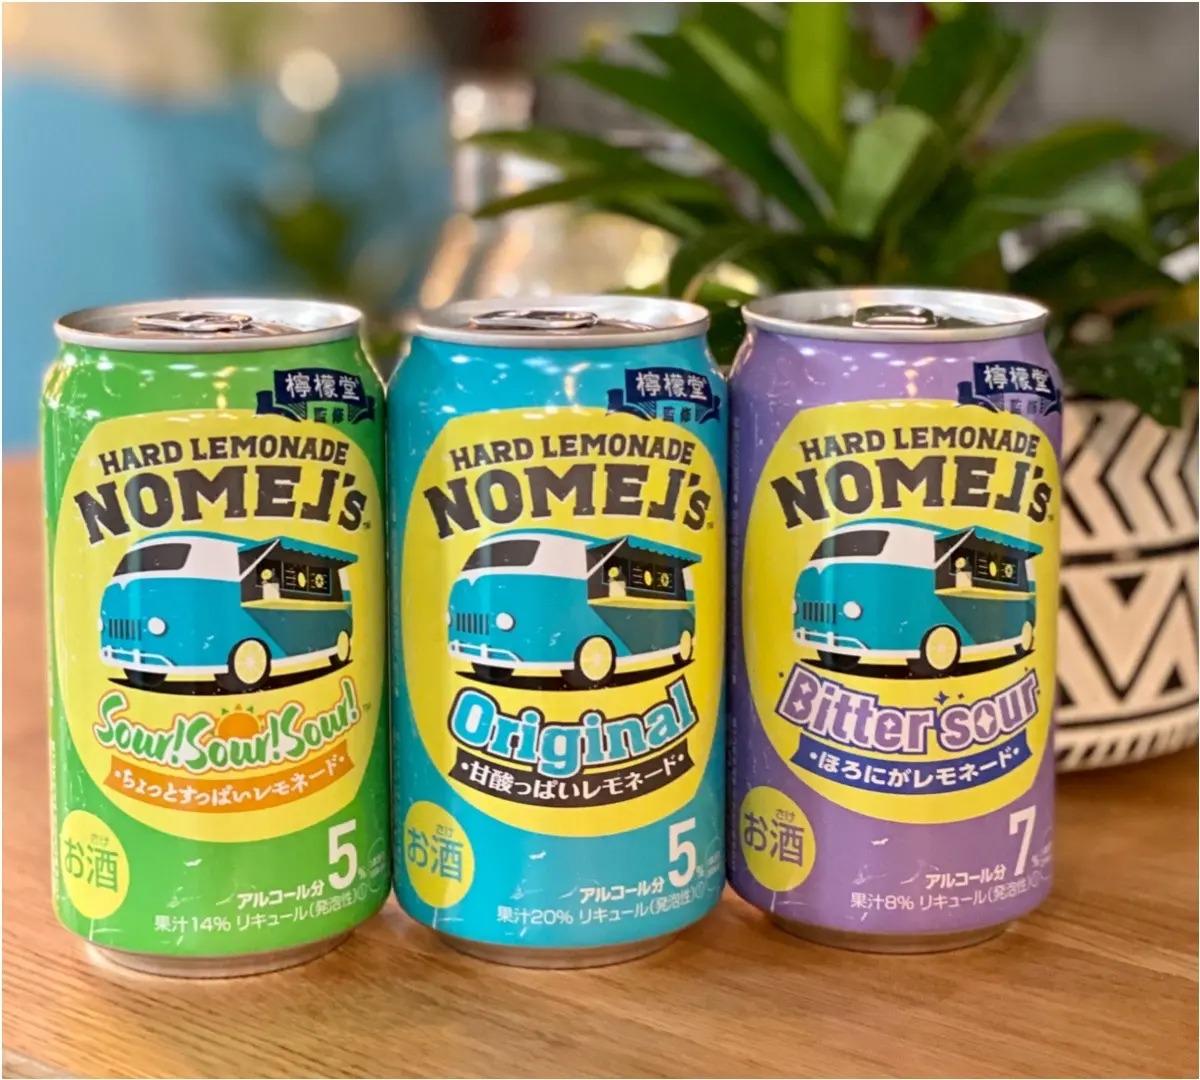 新発売のお酒「ノメルズ ハードレモネード」